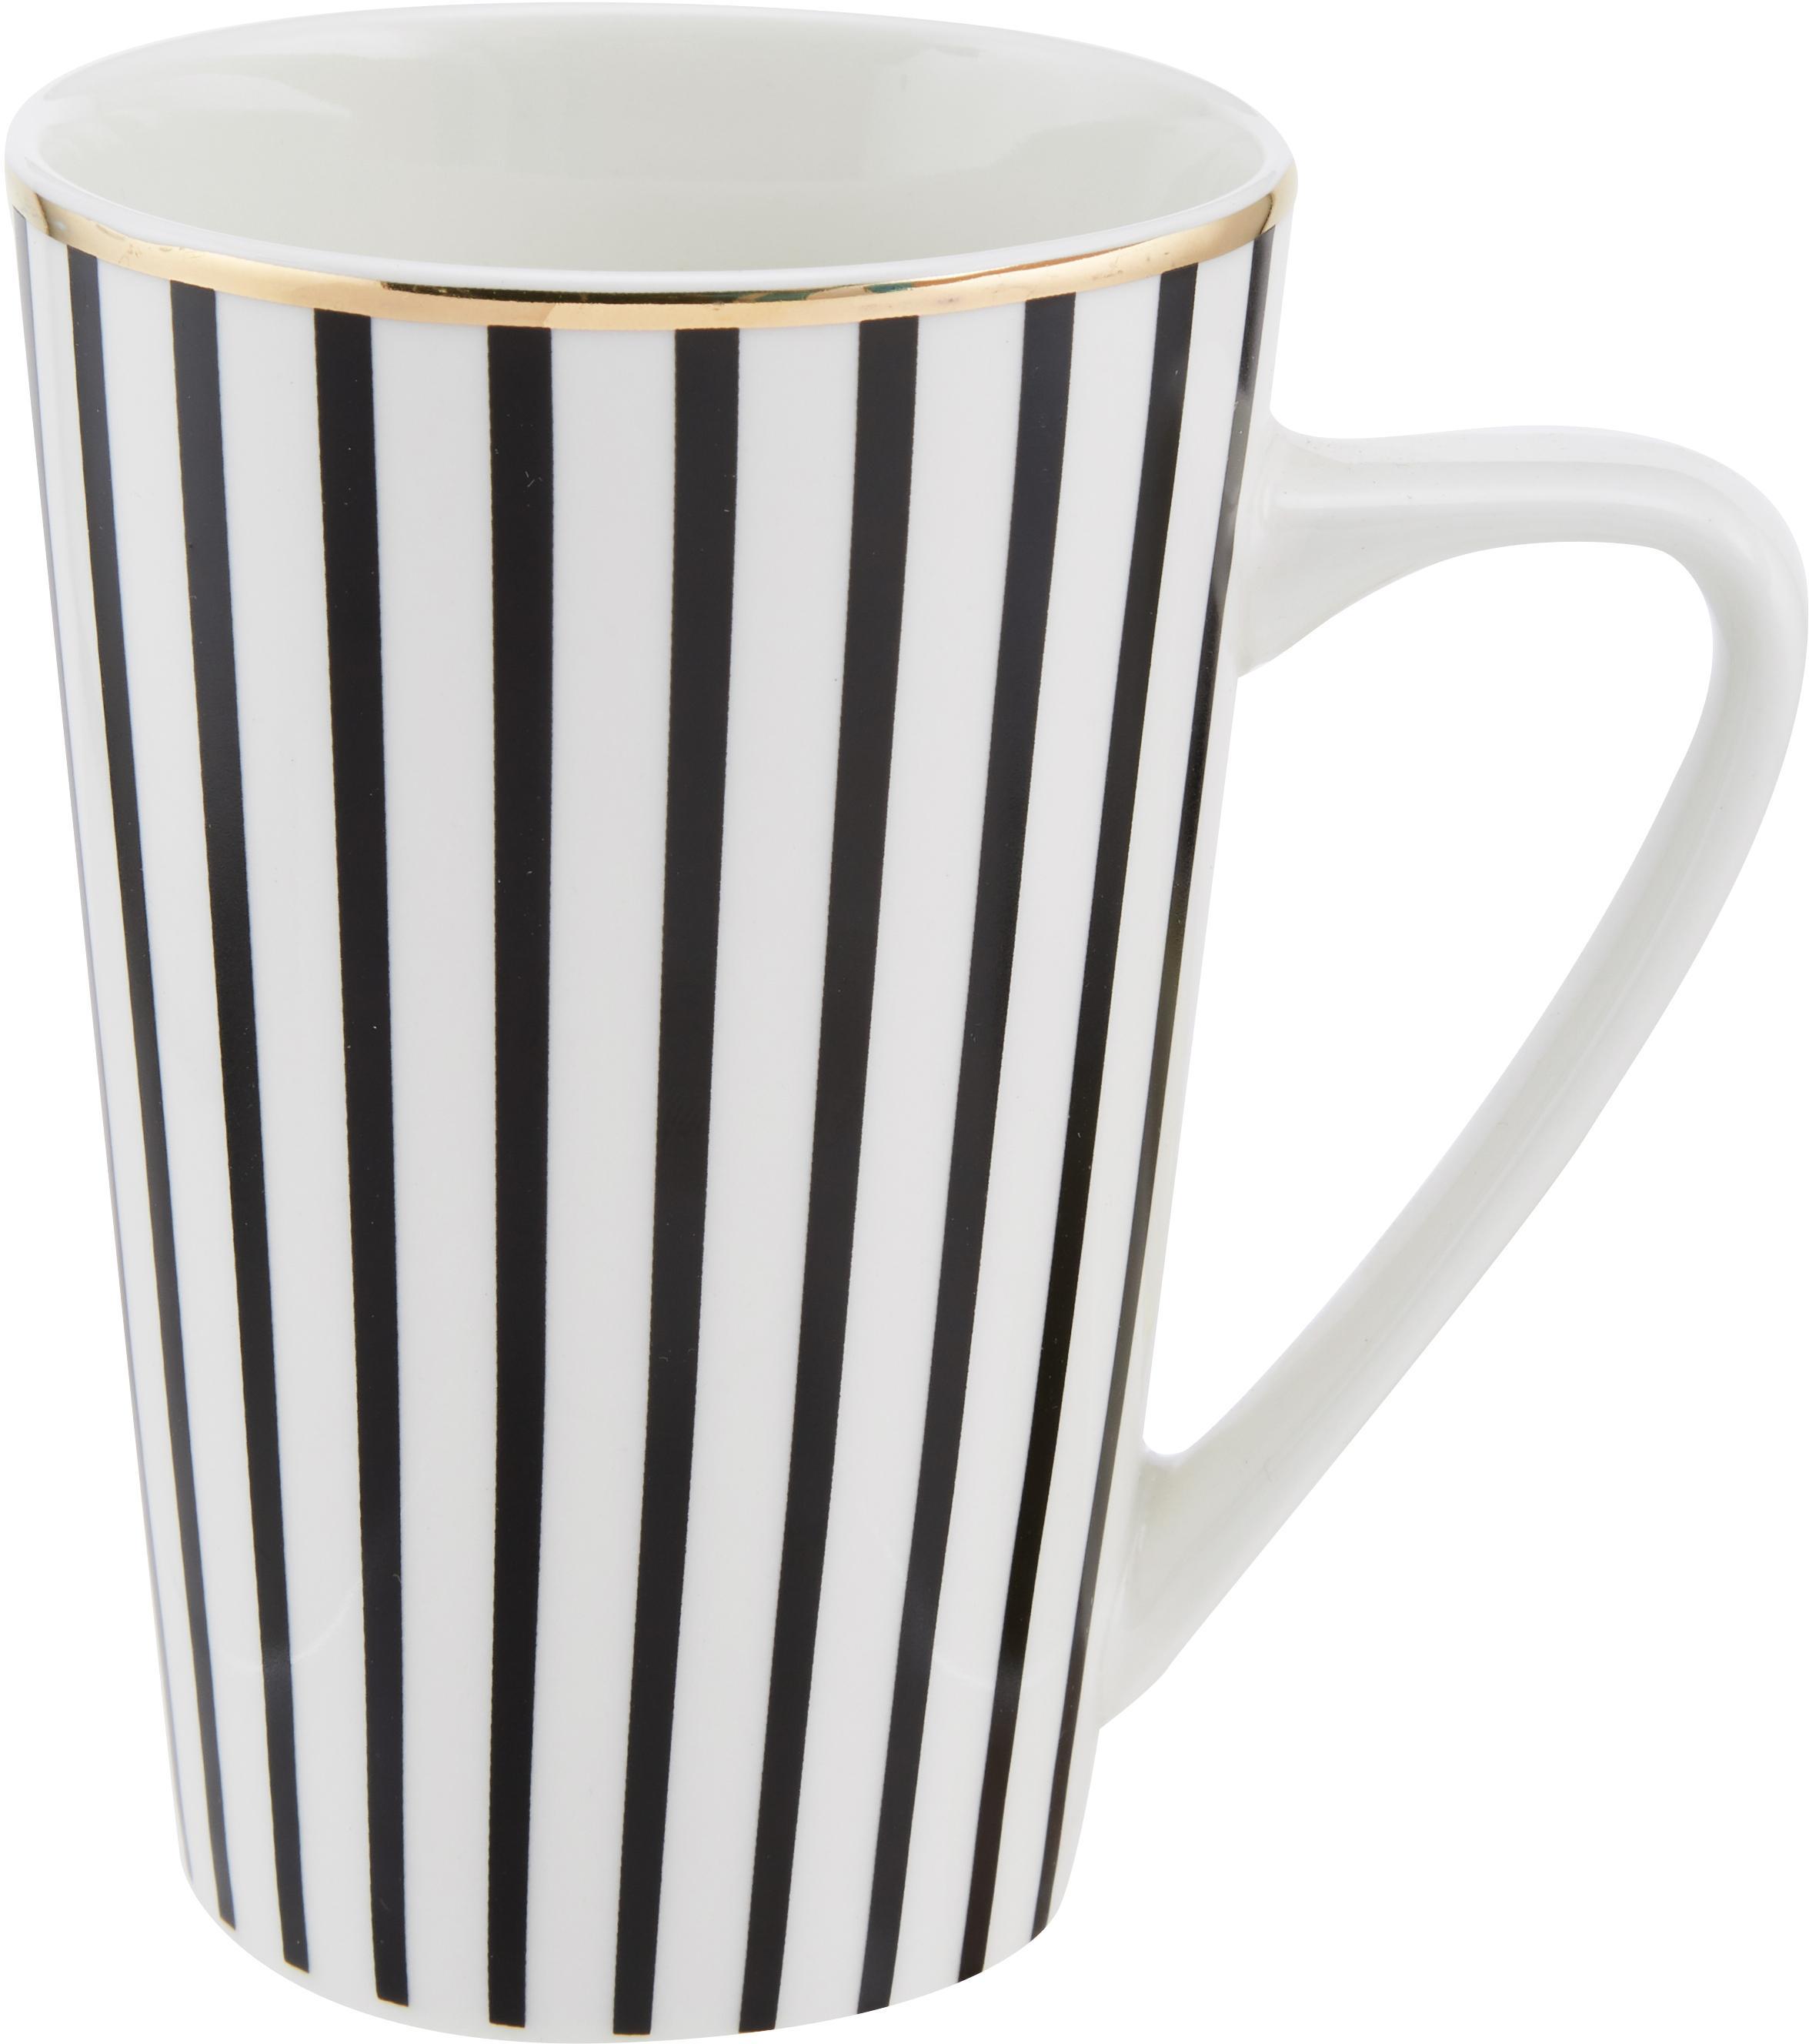 Tazas grandes PlutoLoft, 4uds., Porcelana, Negro, blanco, dorado, Ø 9 x Al 13 cm